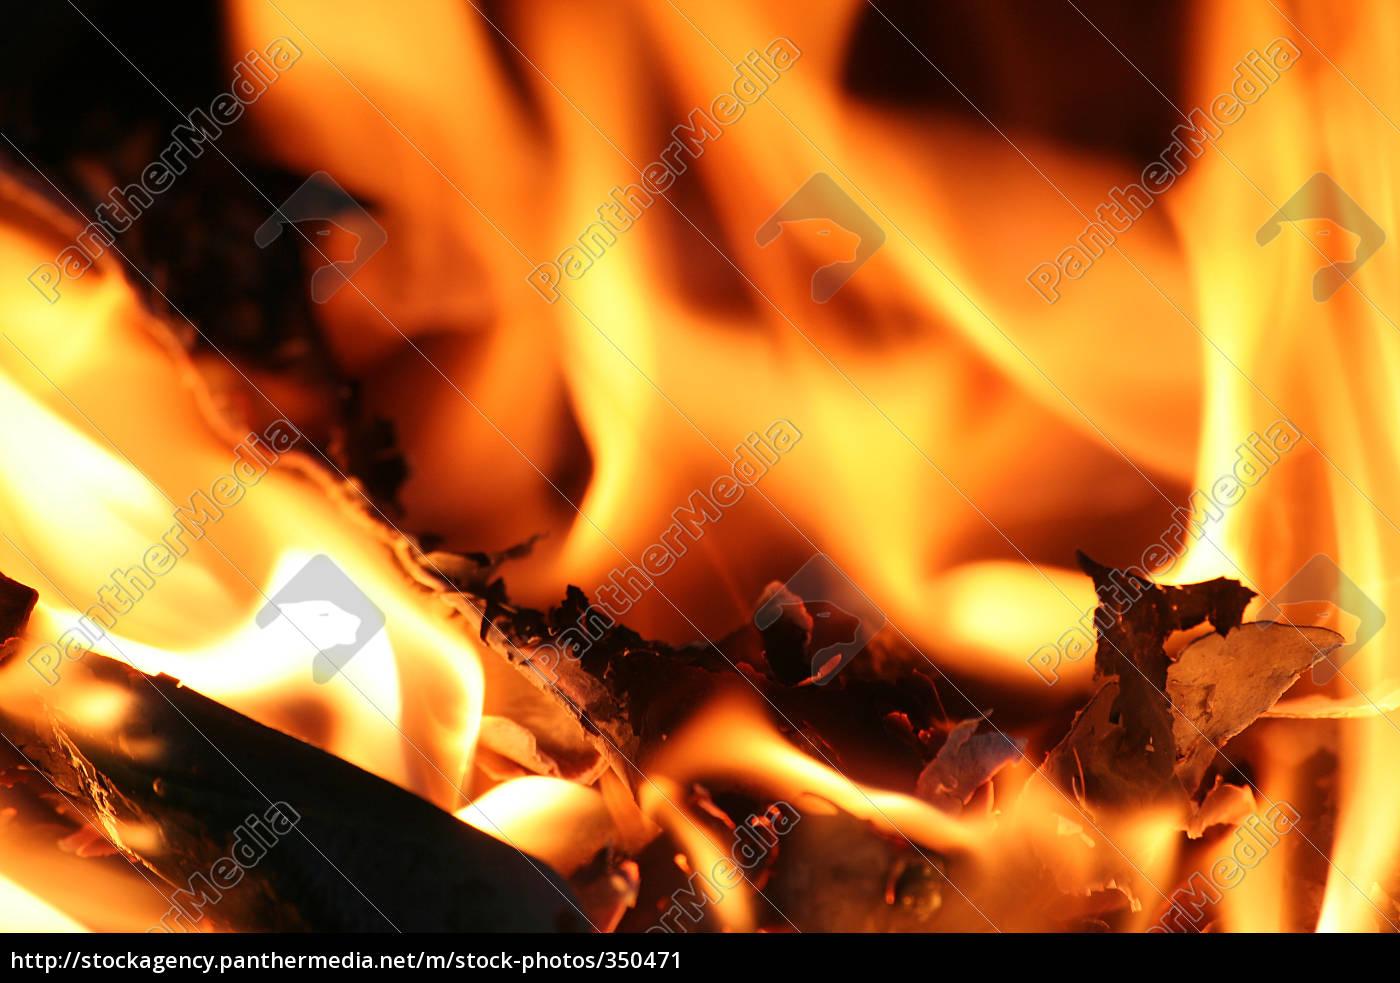 burn - 350471